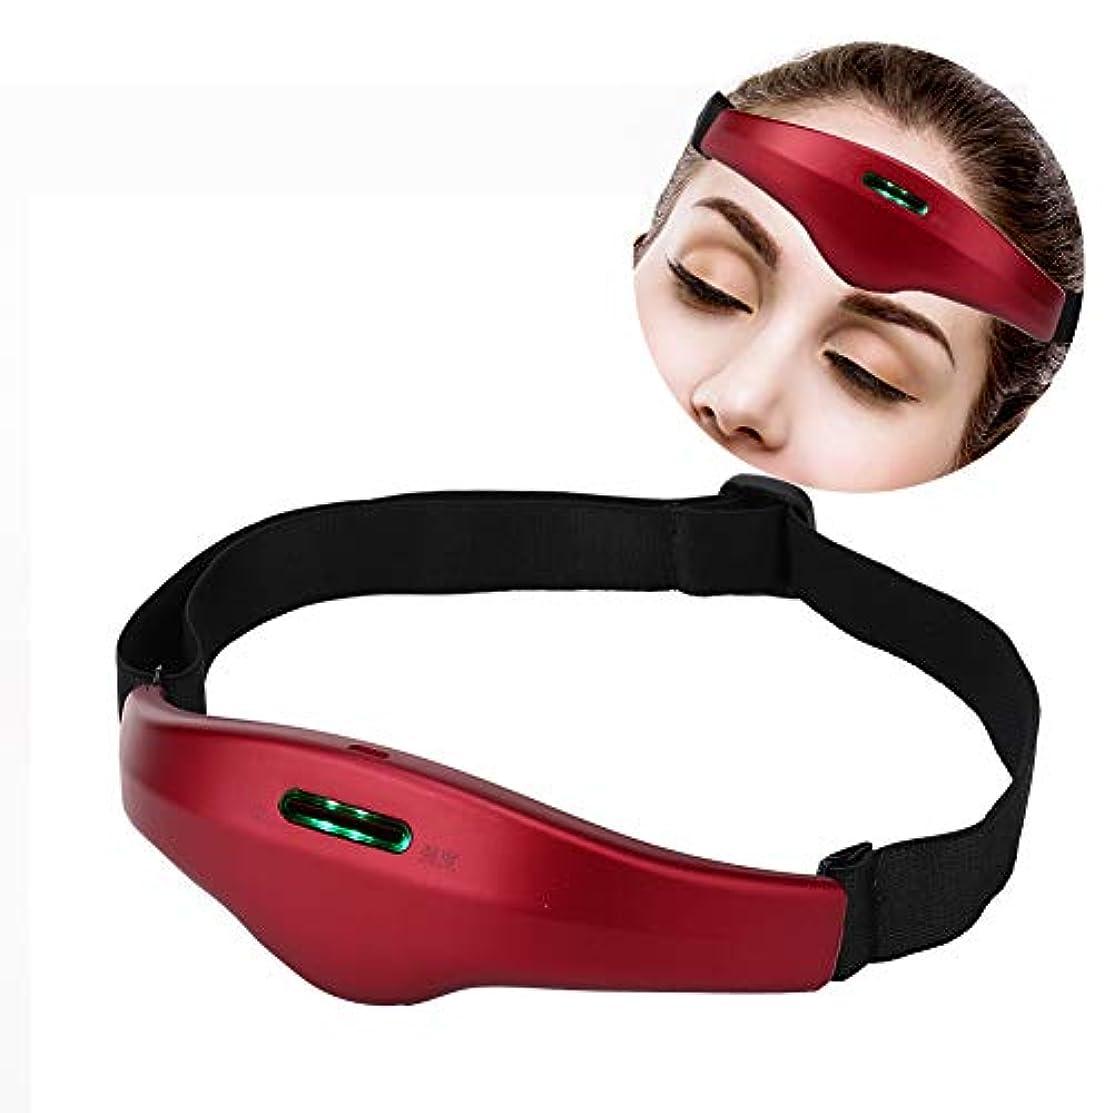 設計コロニーチョップ電気ヘッドマッサージャー、ストレス解消のためのコントロールネックマッサージャーとより良い睡眠の声インテリジェント睡眠マッサージ装置(Vermilion Red)